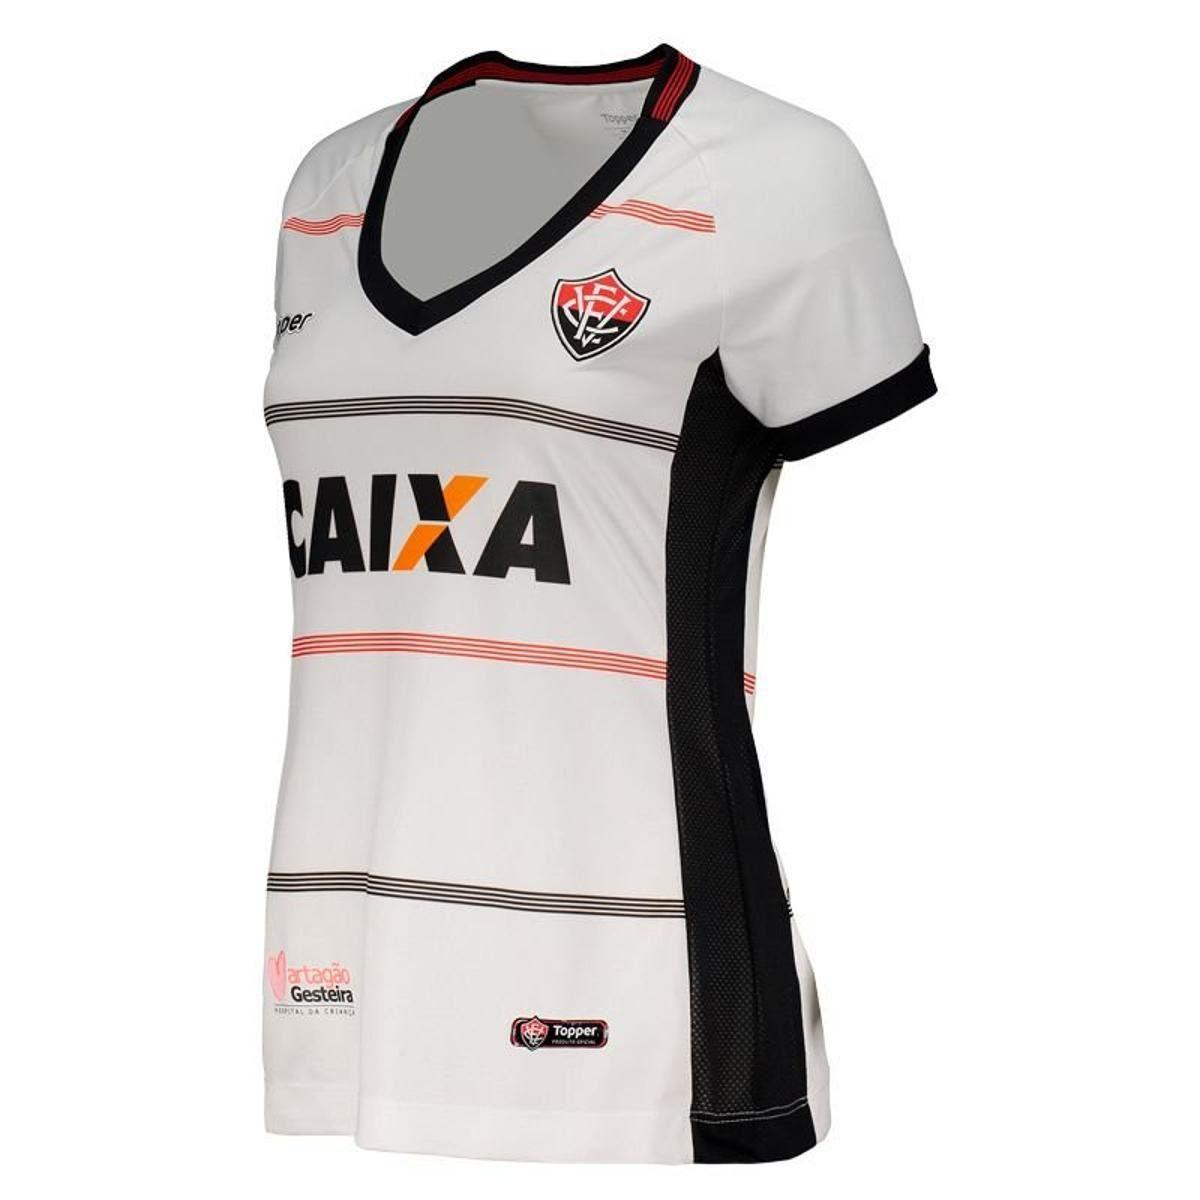 Camisa Jogo II - Feminino - Topper - 2018 - Branco